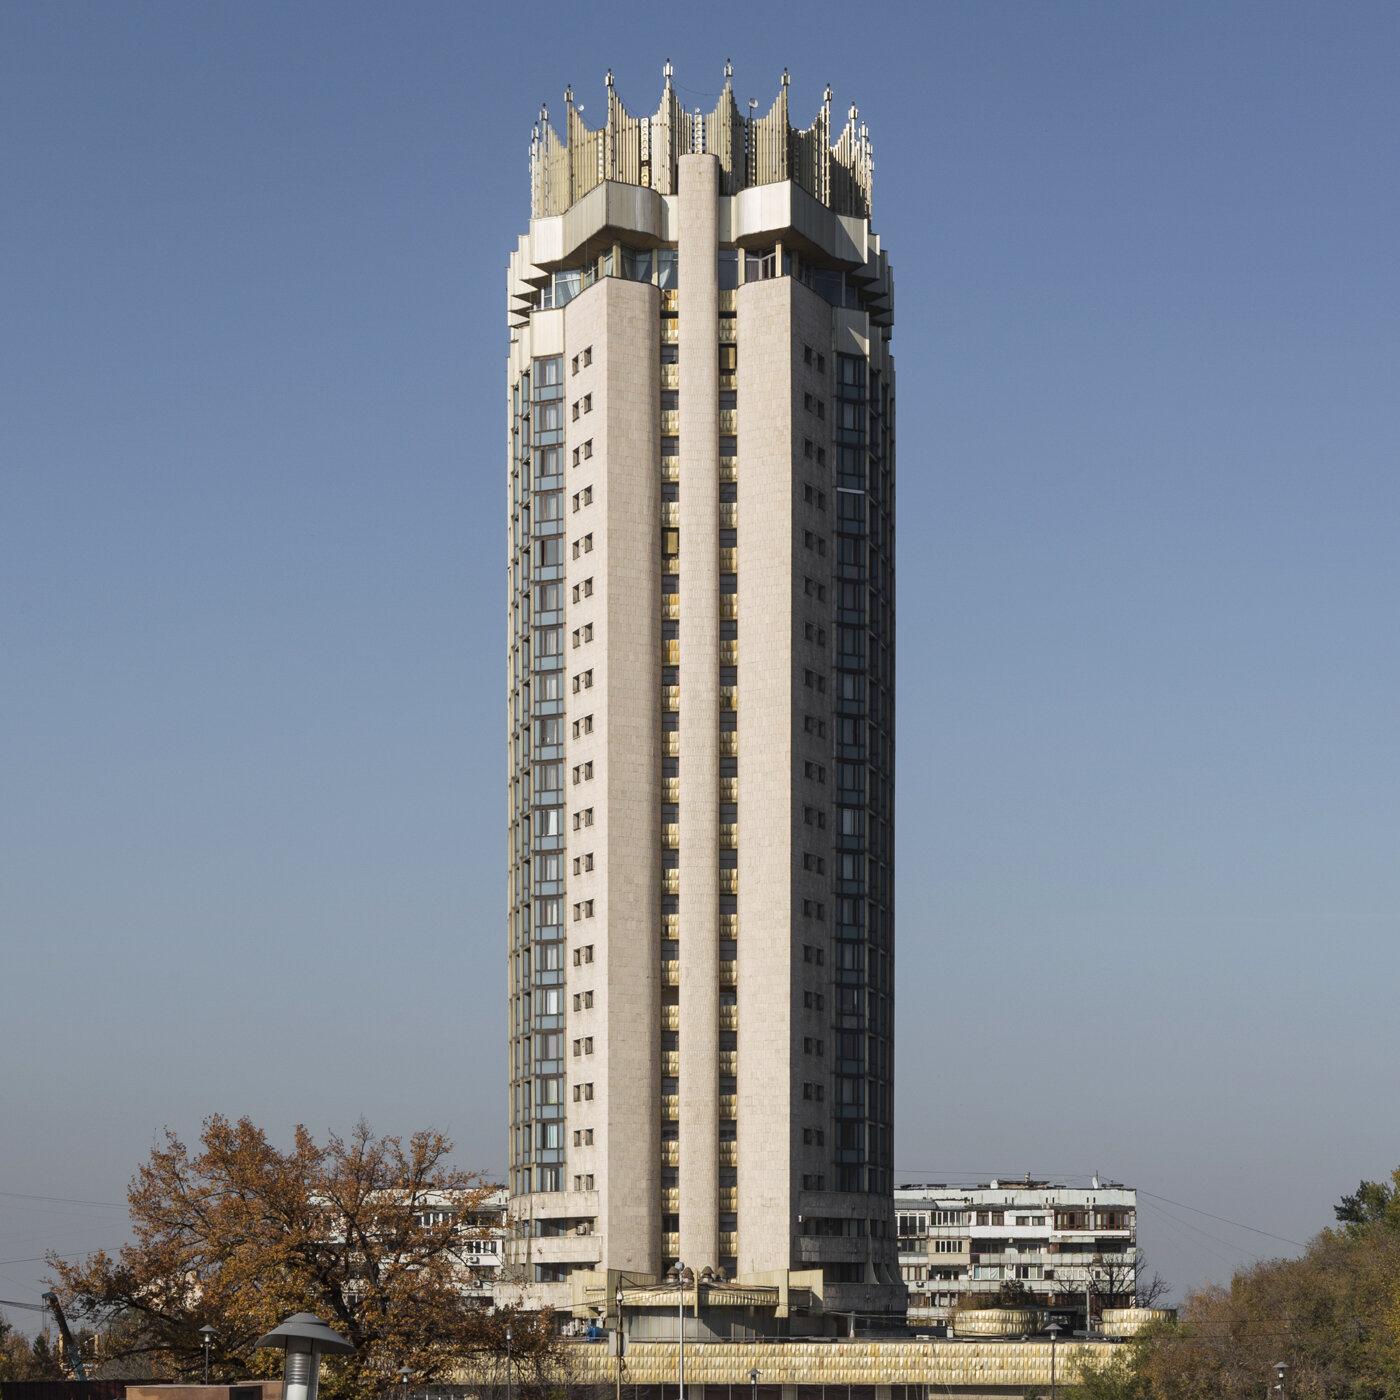 Hotel Kazakhstan, by Y. Ratushny, L. Ukhobotov, A. Anchugov and V. Kashtanov (1977). Almaty, Kazakhstan. Photo: Stefano Perego.